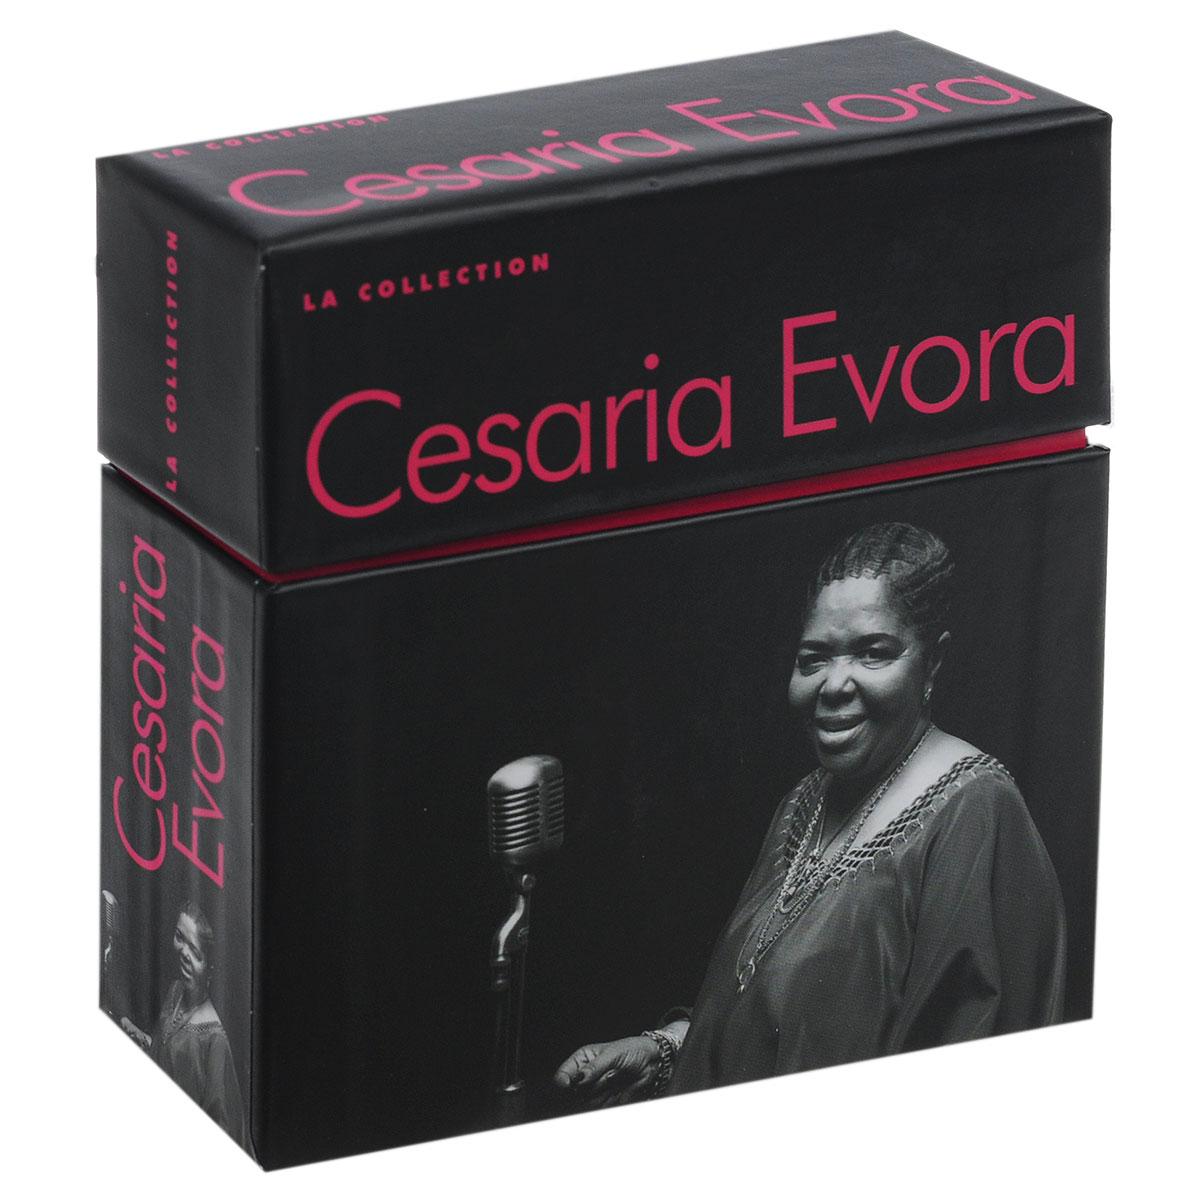 Сезария Эвора Cesaria Evora. La Сollection (6 CD + DVD) сезария эвора cesaria evora cesaria